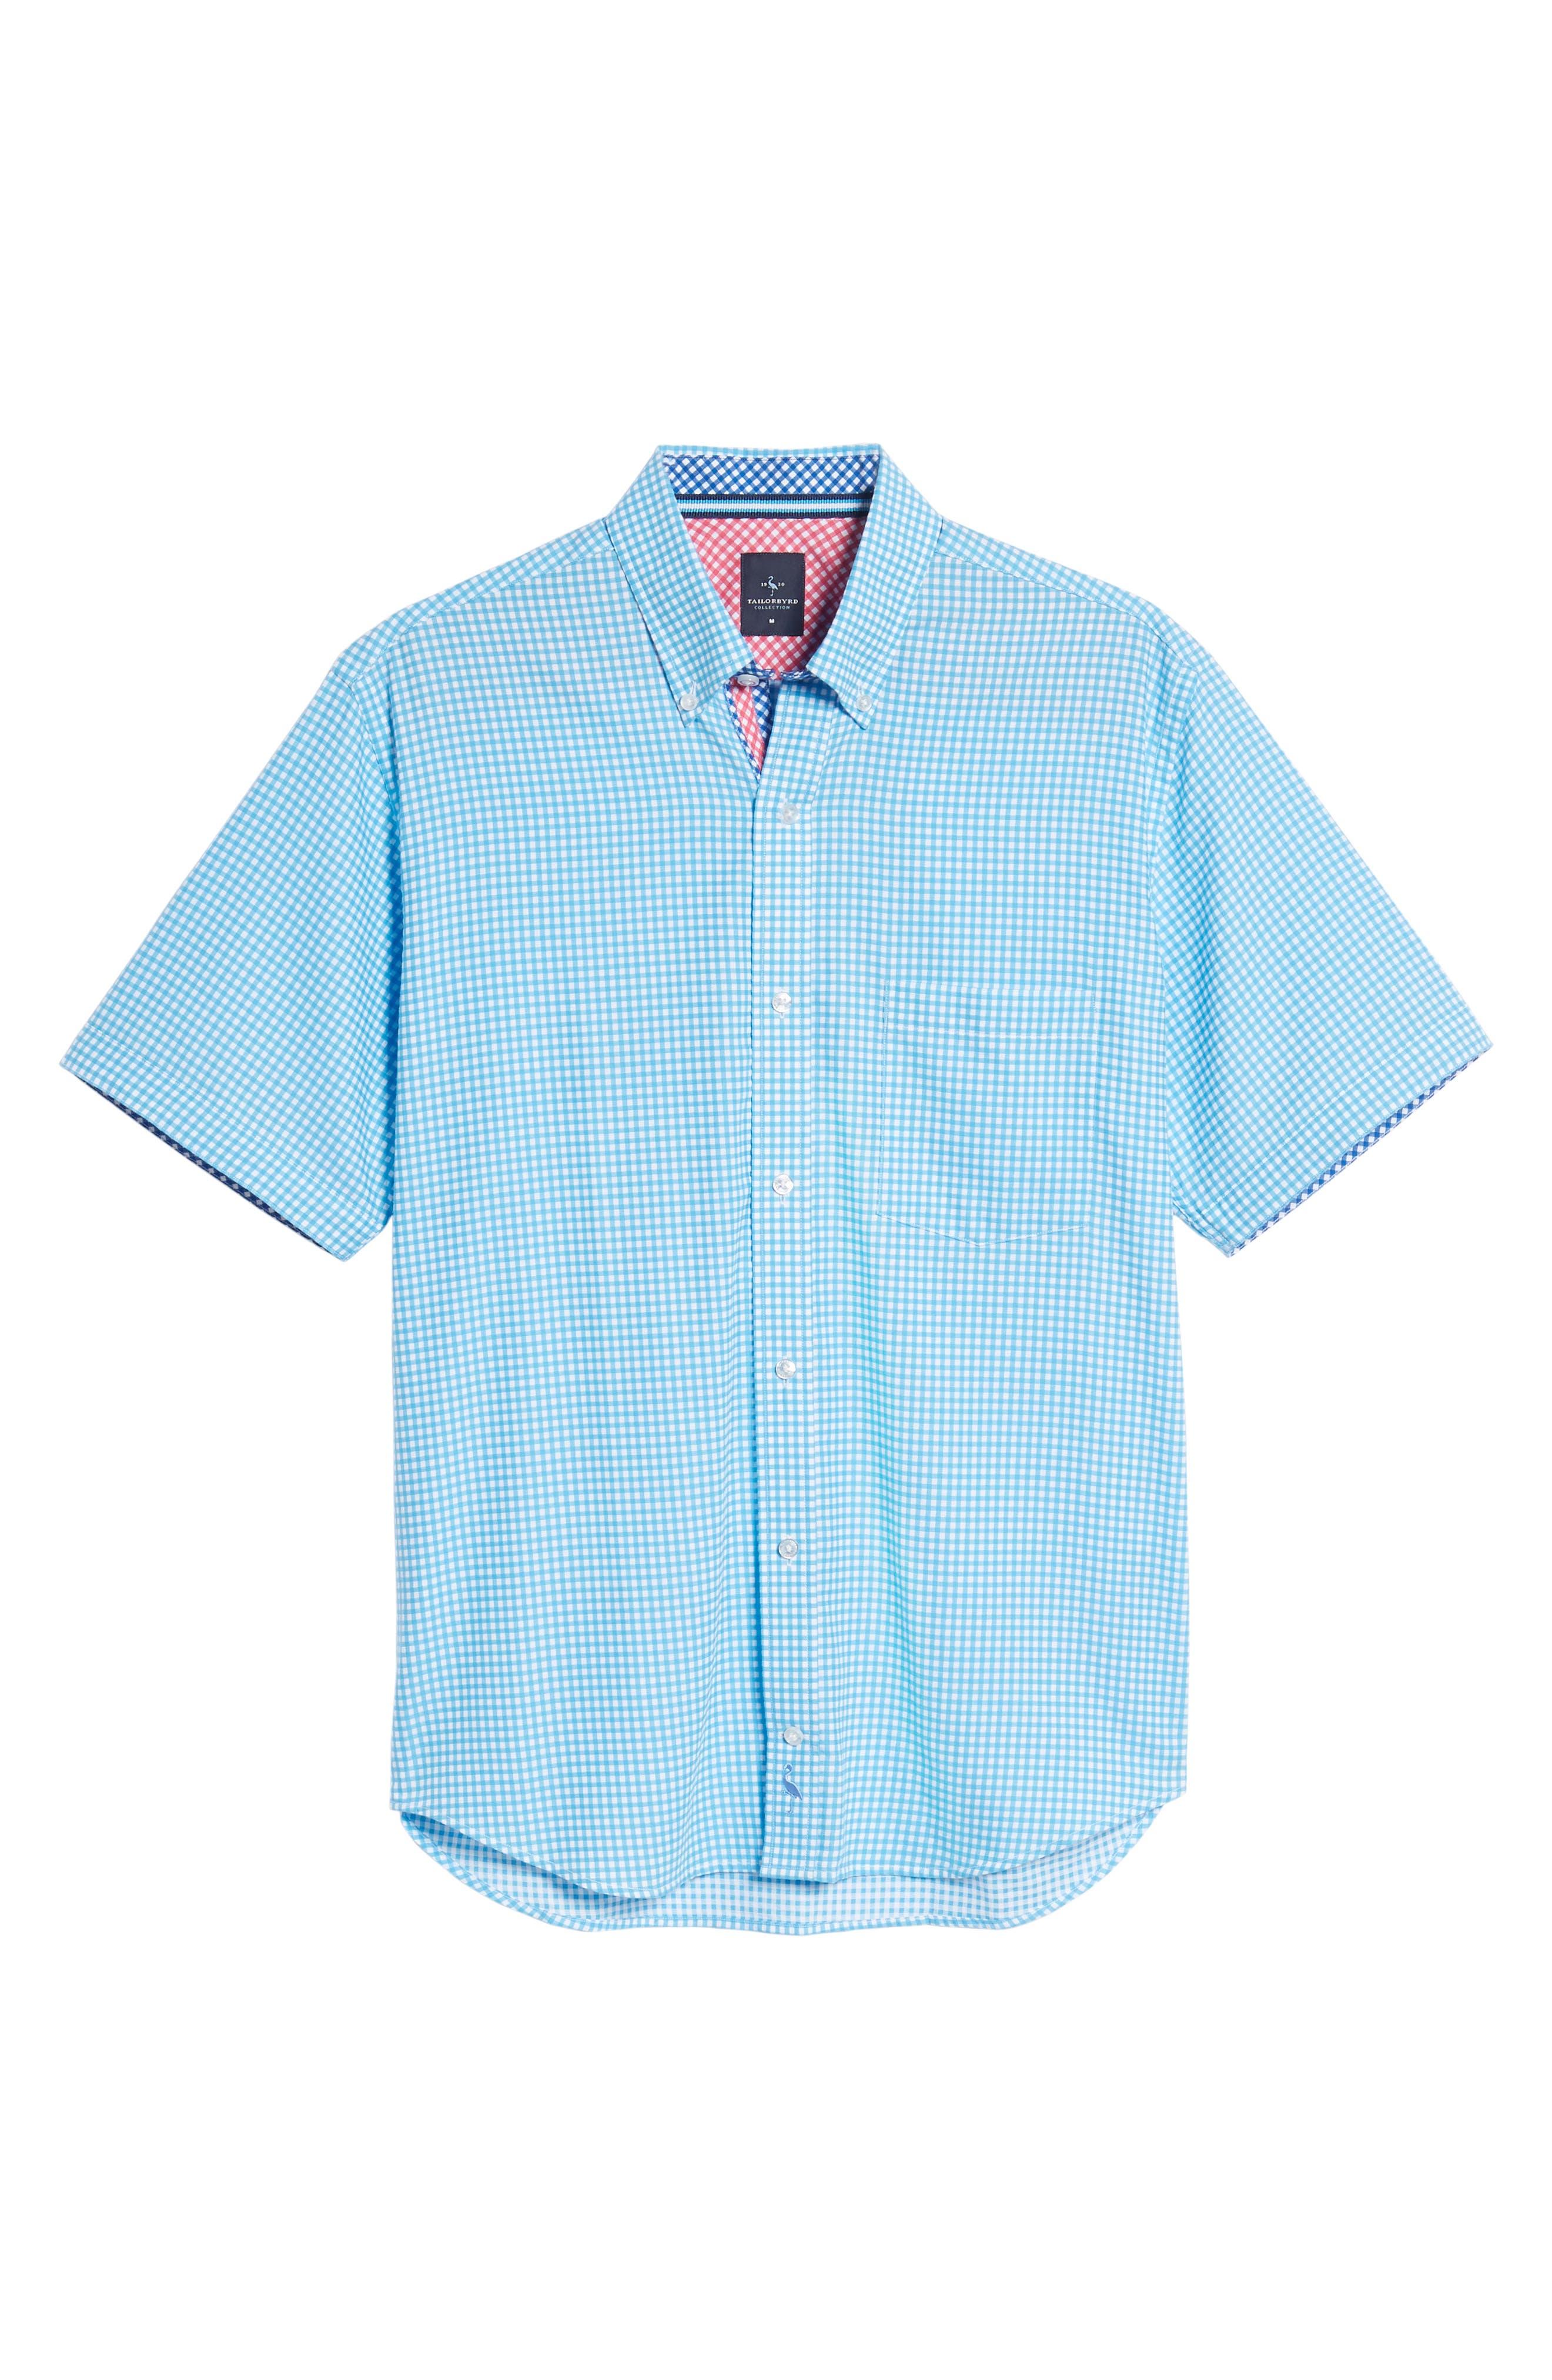 Aden Regular Fit Sport Shirt,                             Alternate thumbnail 6, color,                             Aqua